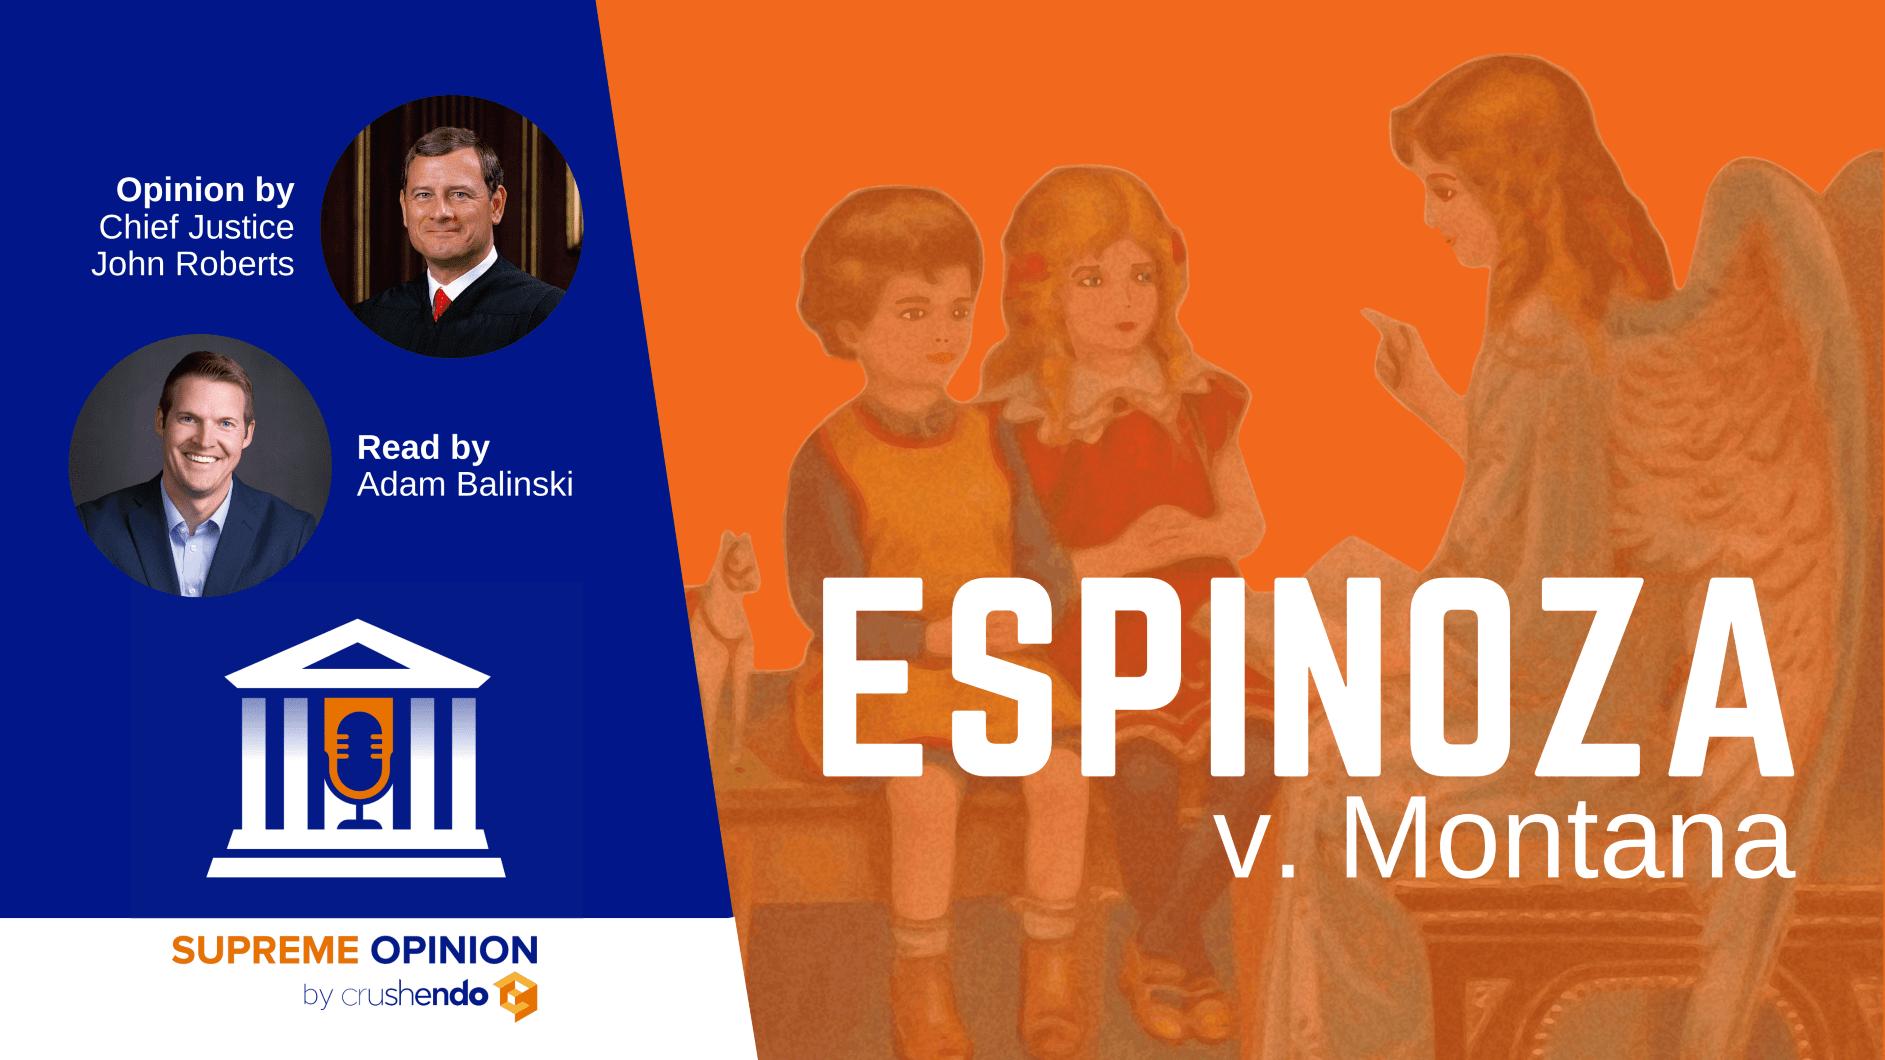 Espinoza v. Montana - Supreme Opinion